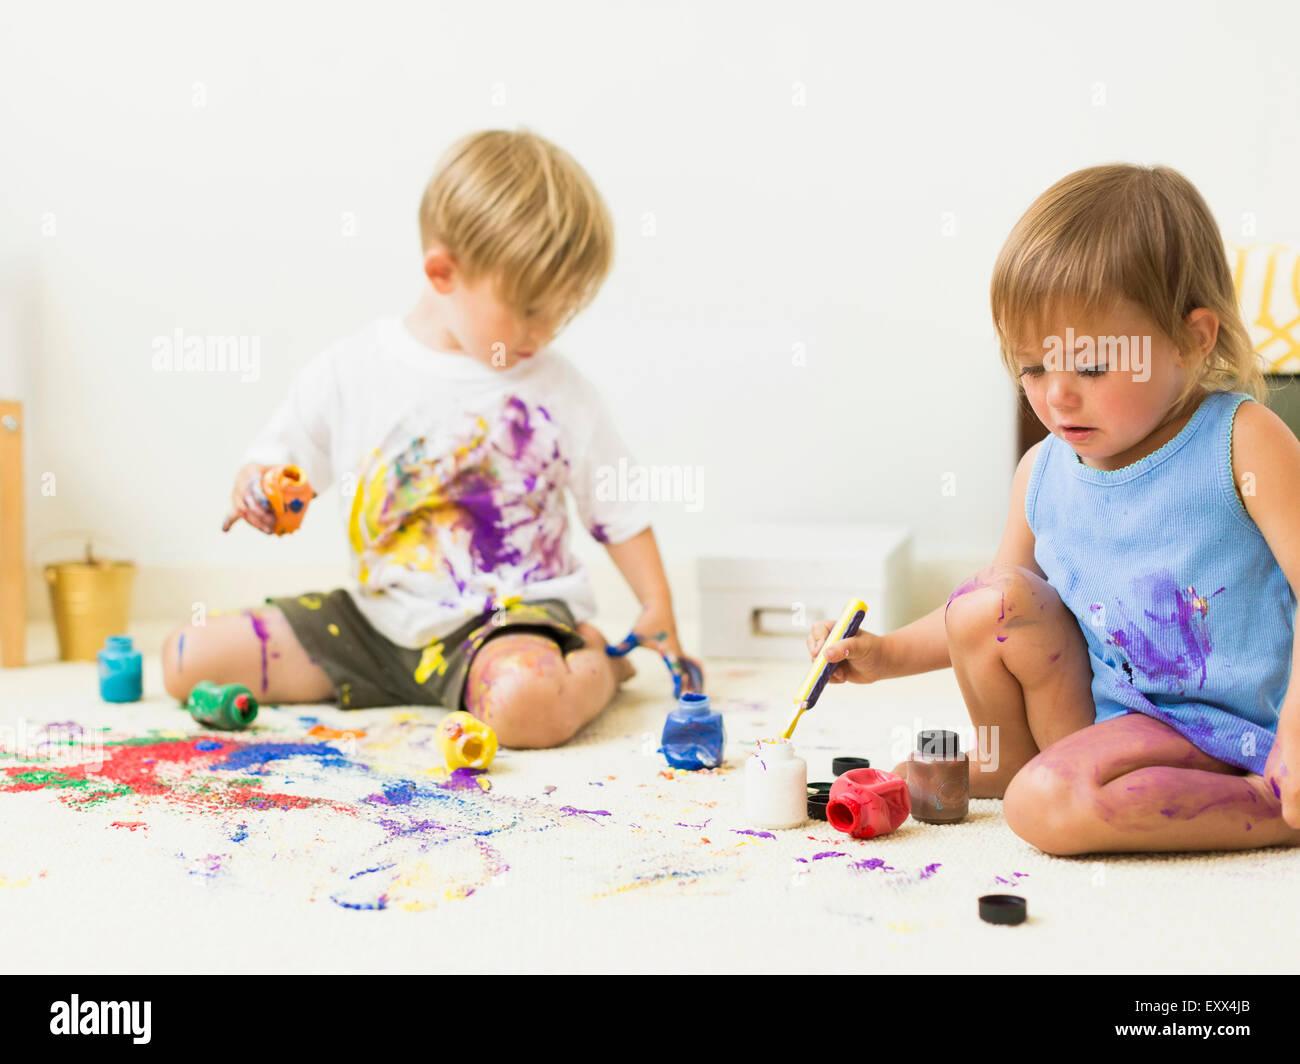 Niños (2-3) la pintura sobre una alfombra Imagen De Stock